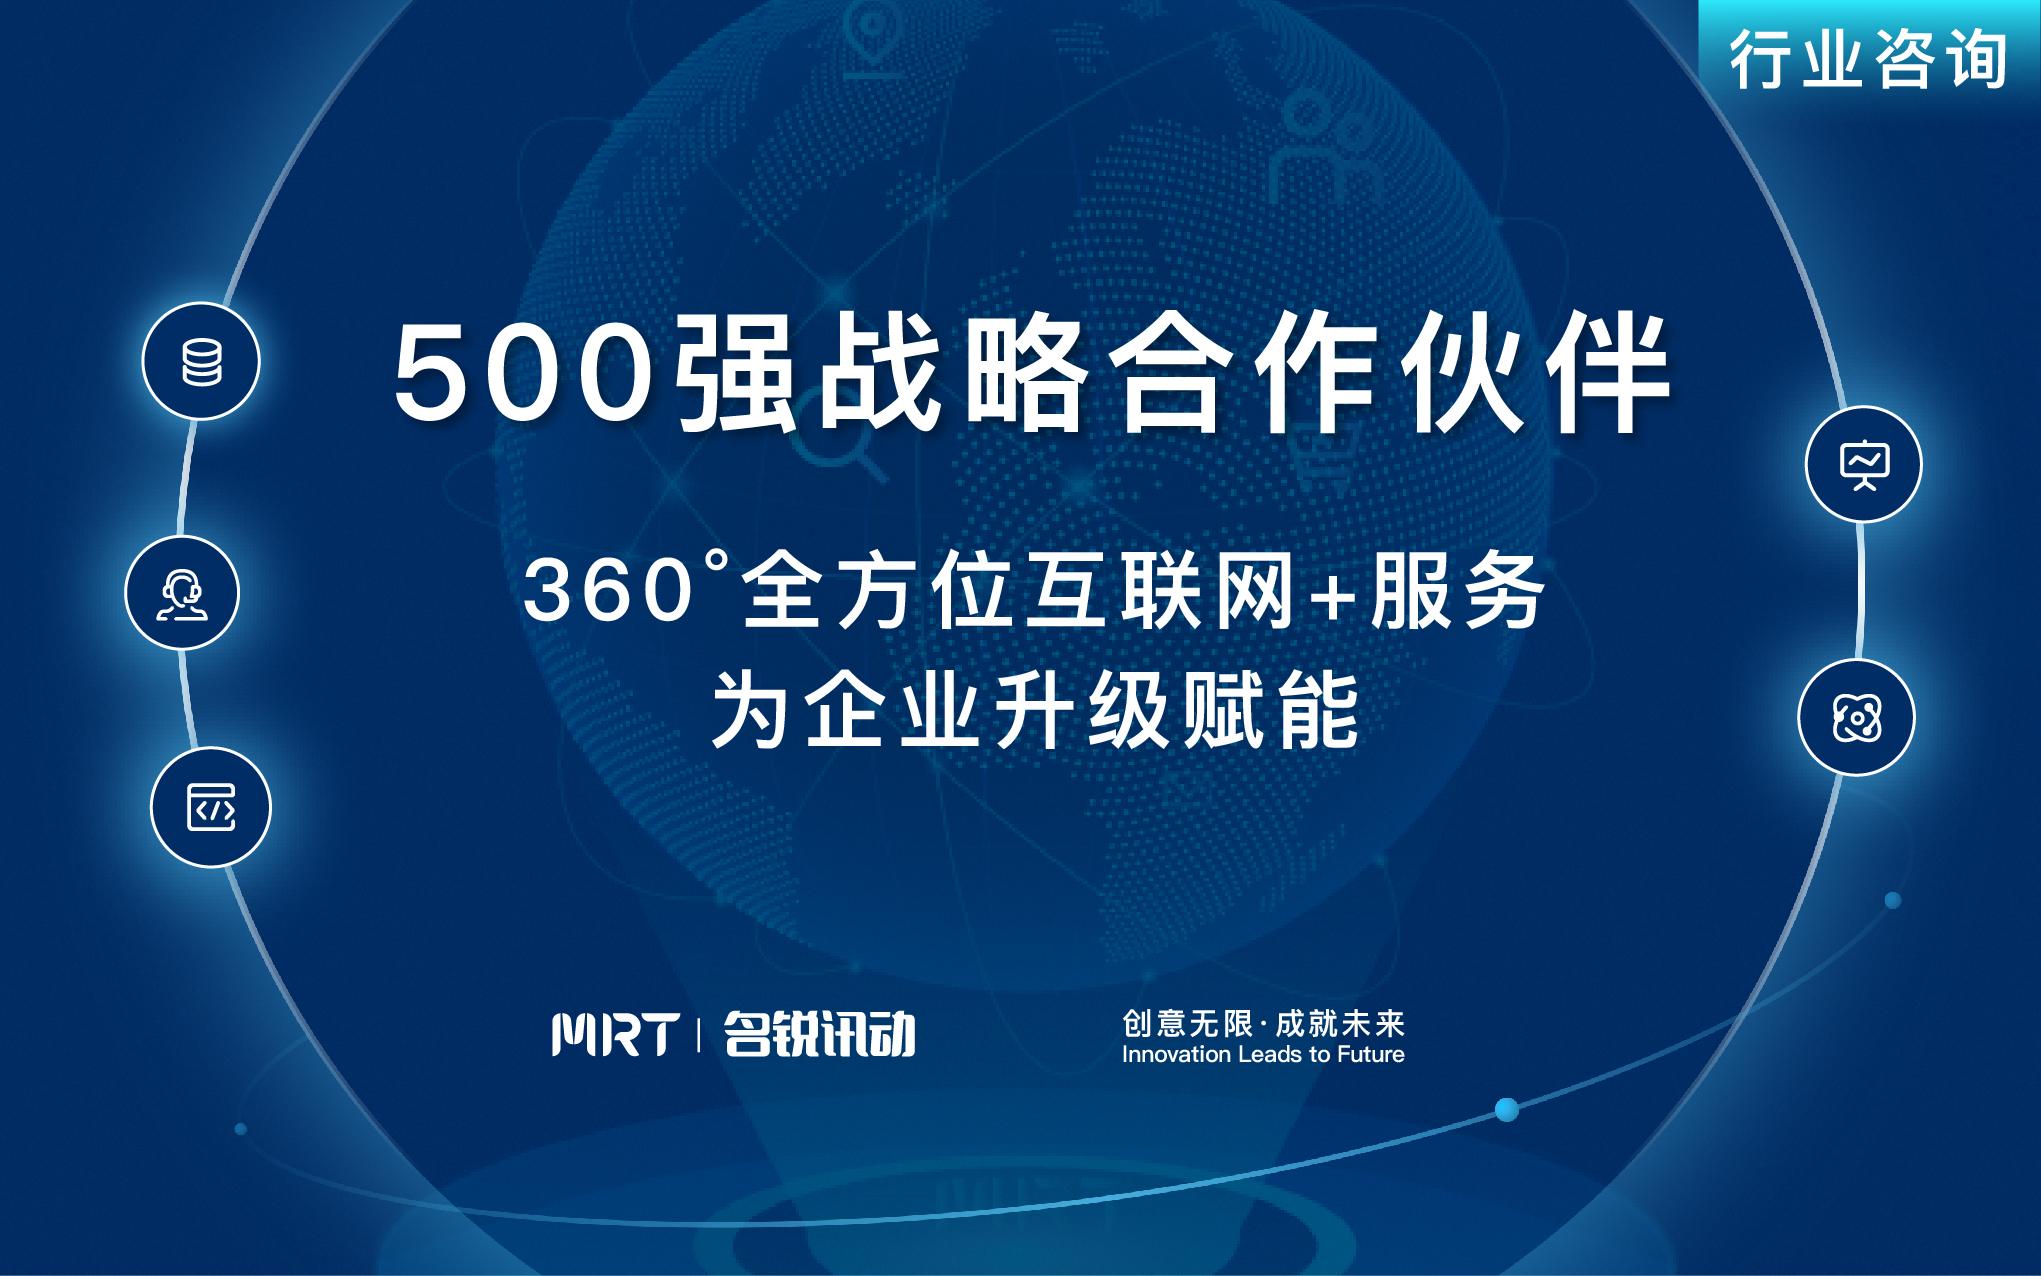 节日活动网络直播卖货H5定制开发节日海报设计营销推广H5开发